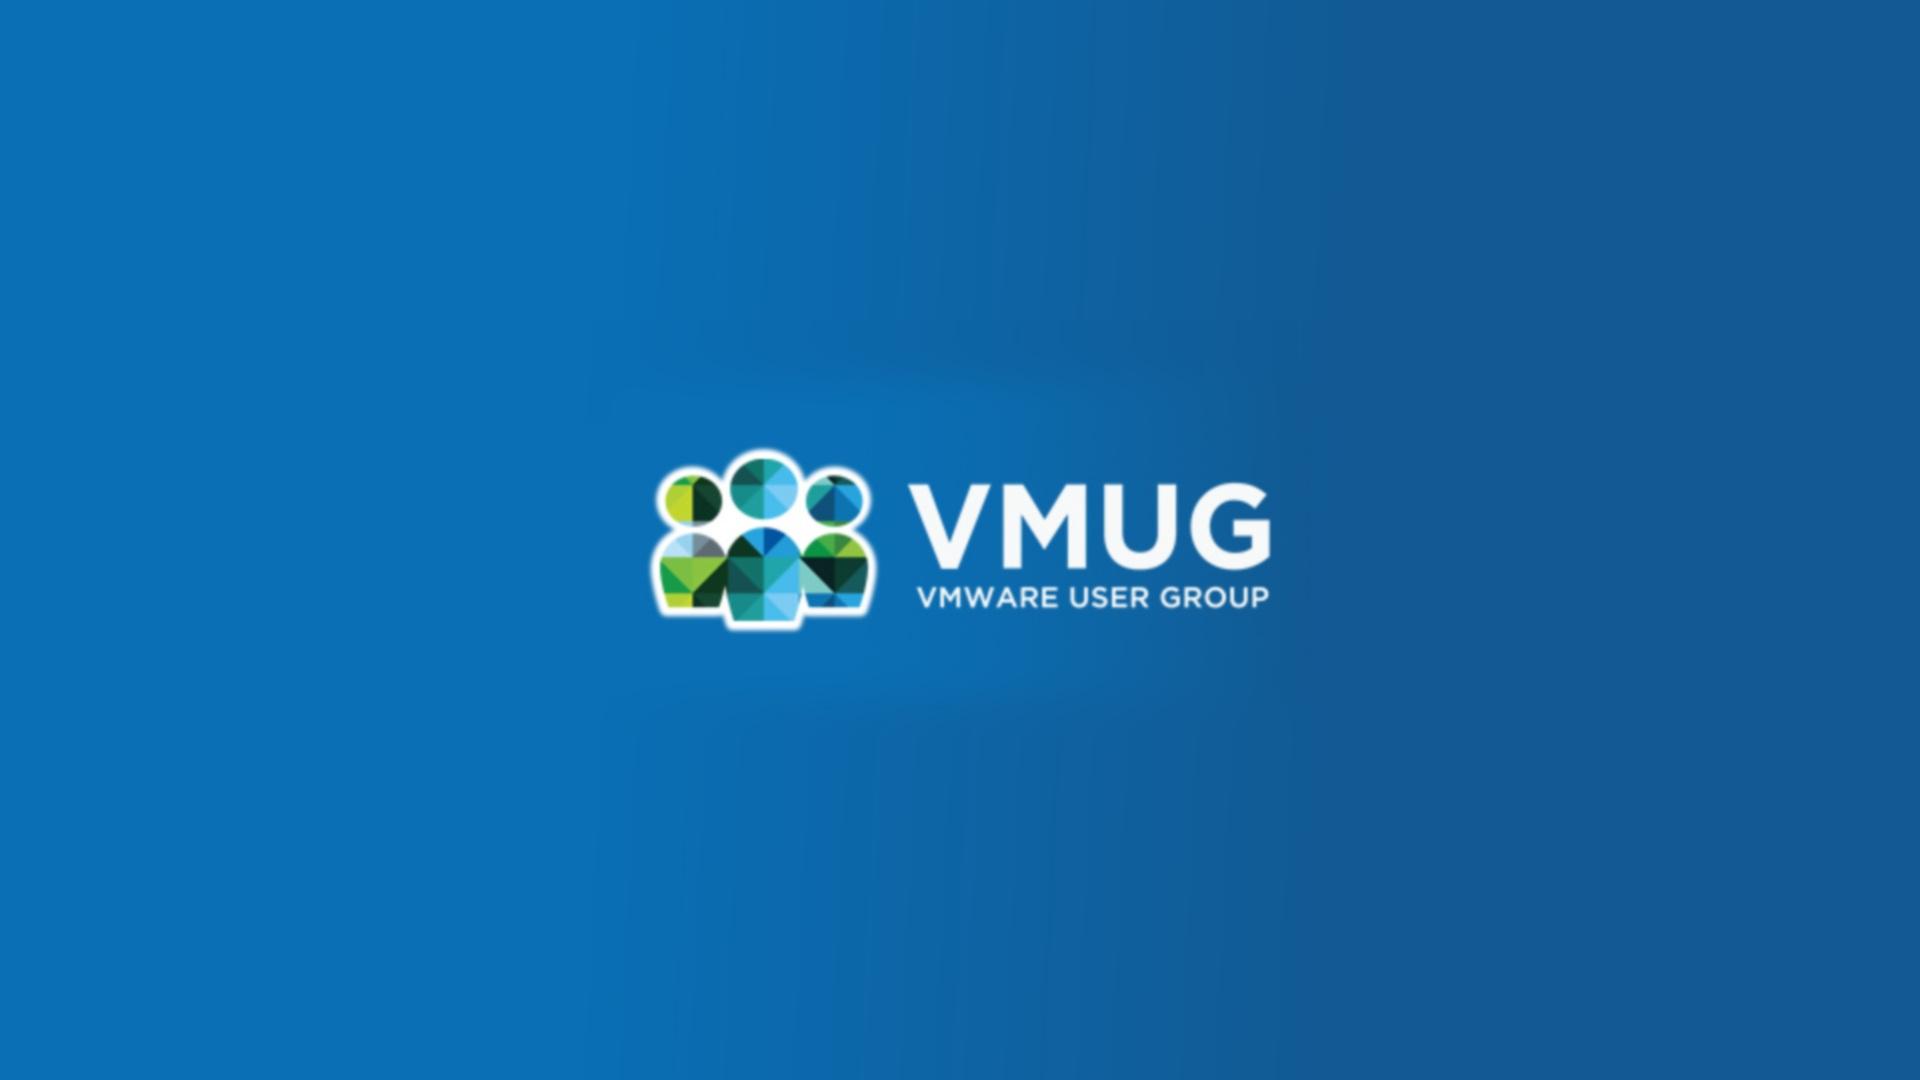 48+] VMware Wallpaper on WallpaperSafari